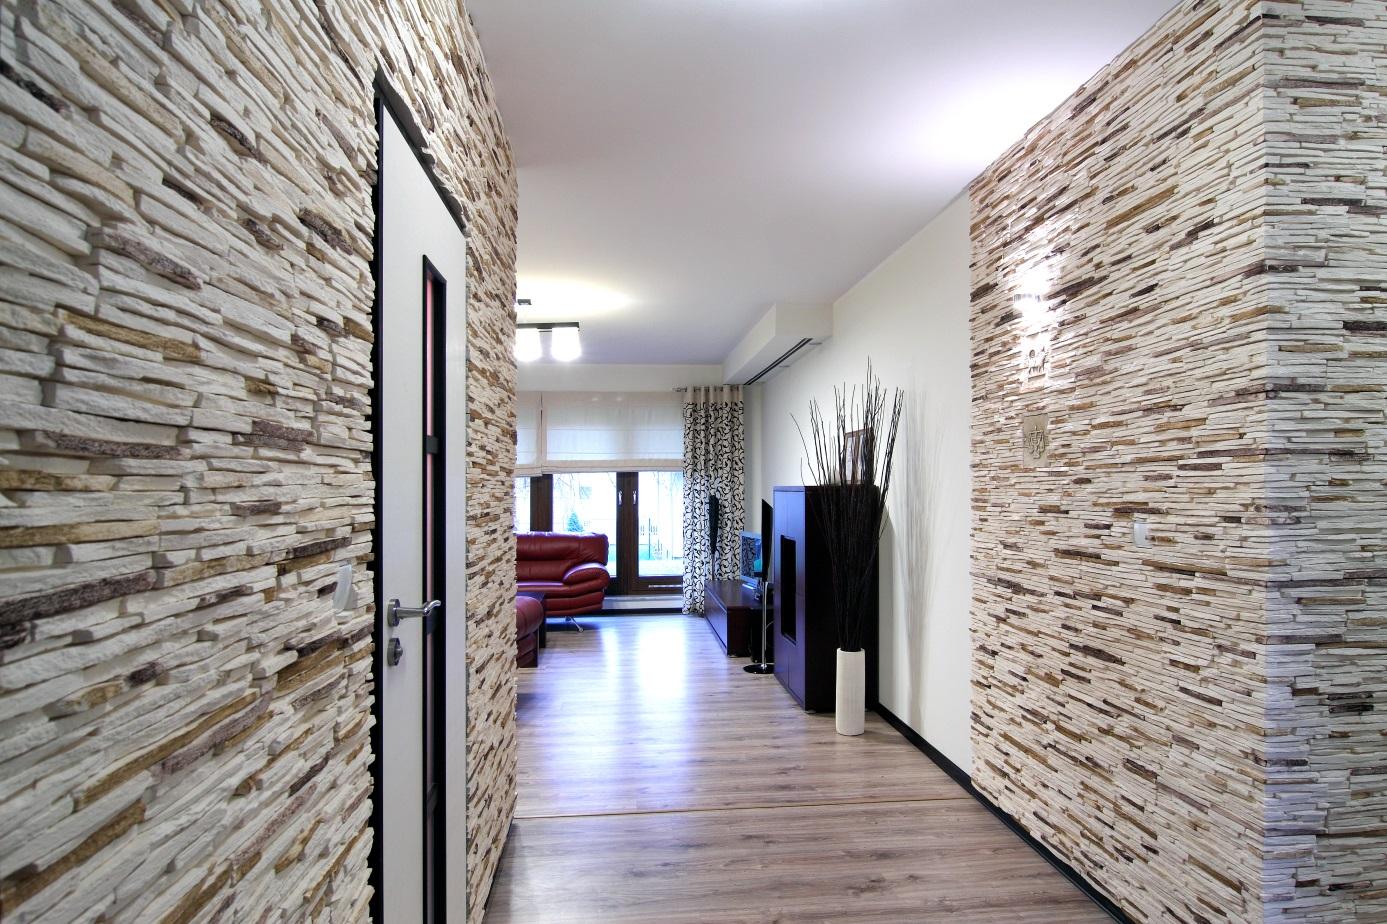 Декоративный камень в прихожей: эффектный дизайн входной зоны (57 фото)